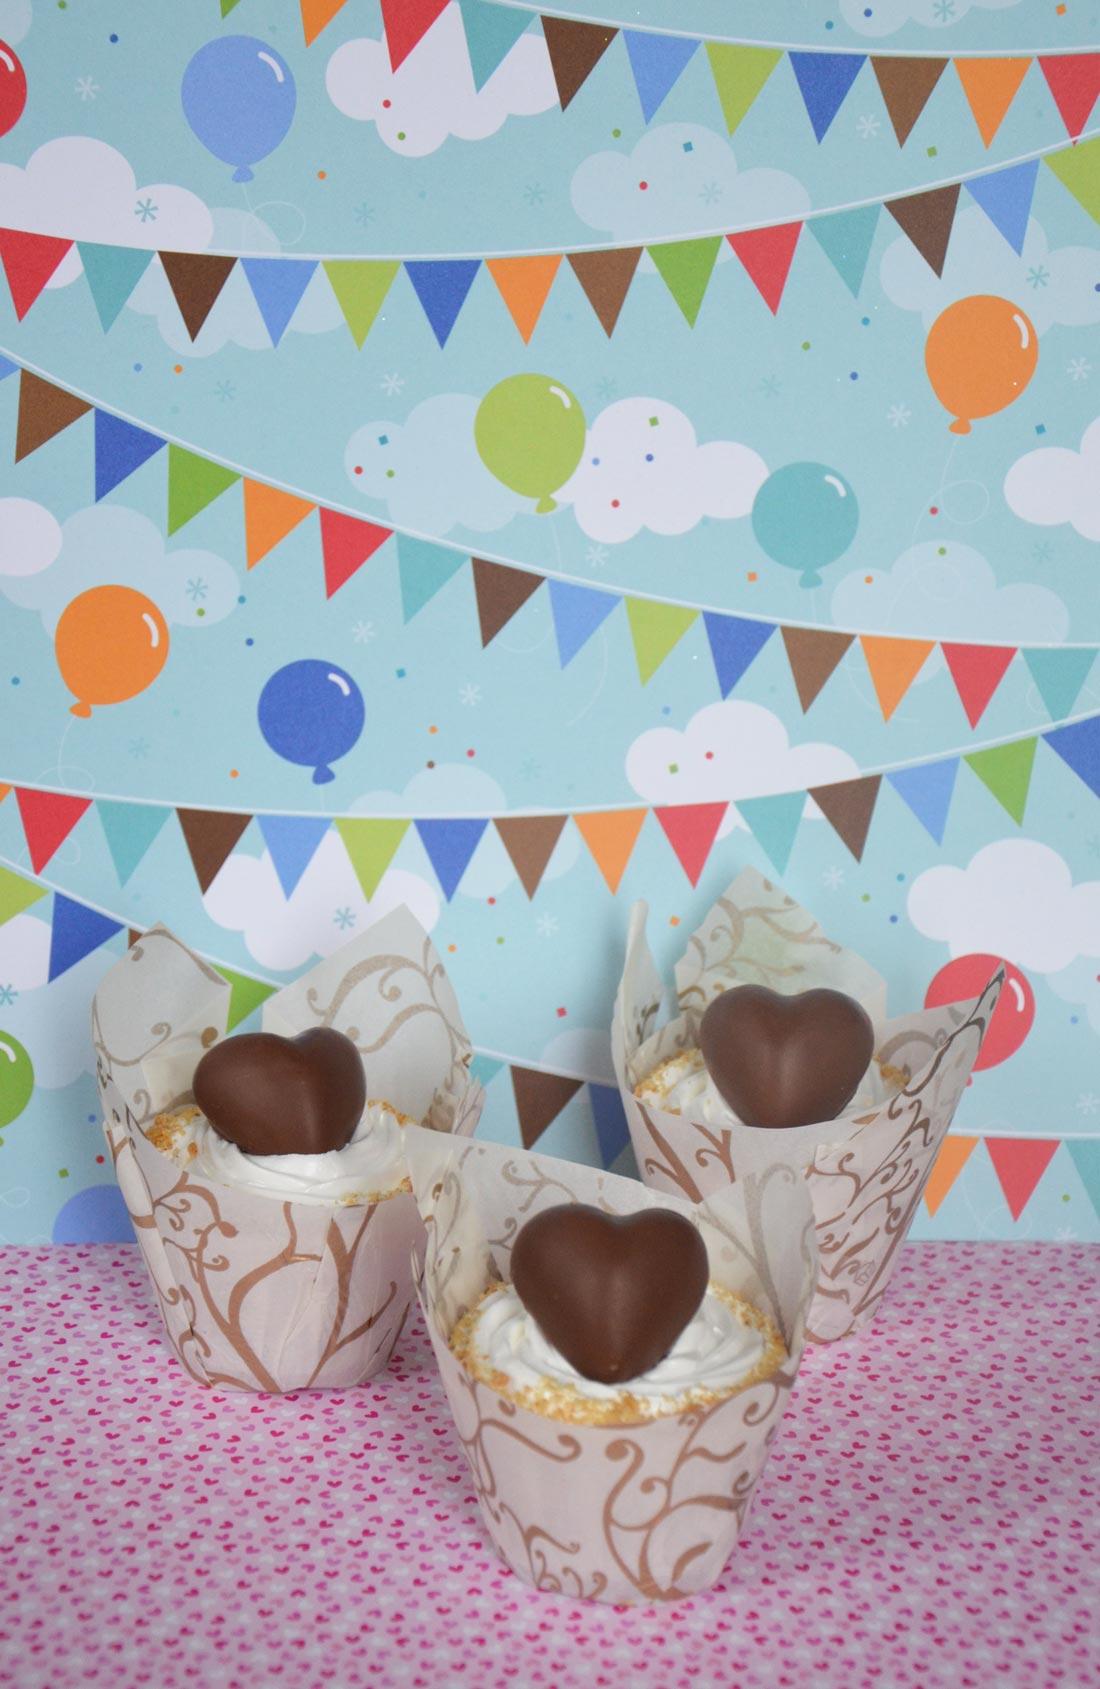 recette de cupcakes S'mores réalisée pour le Téléthon 2012